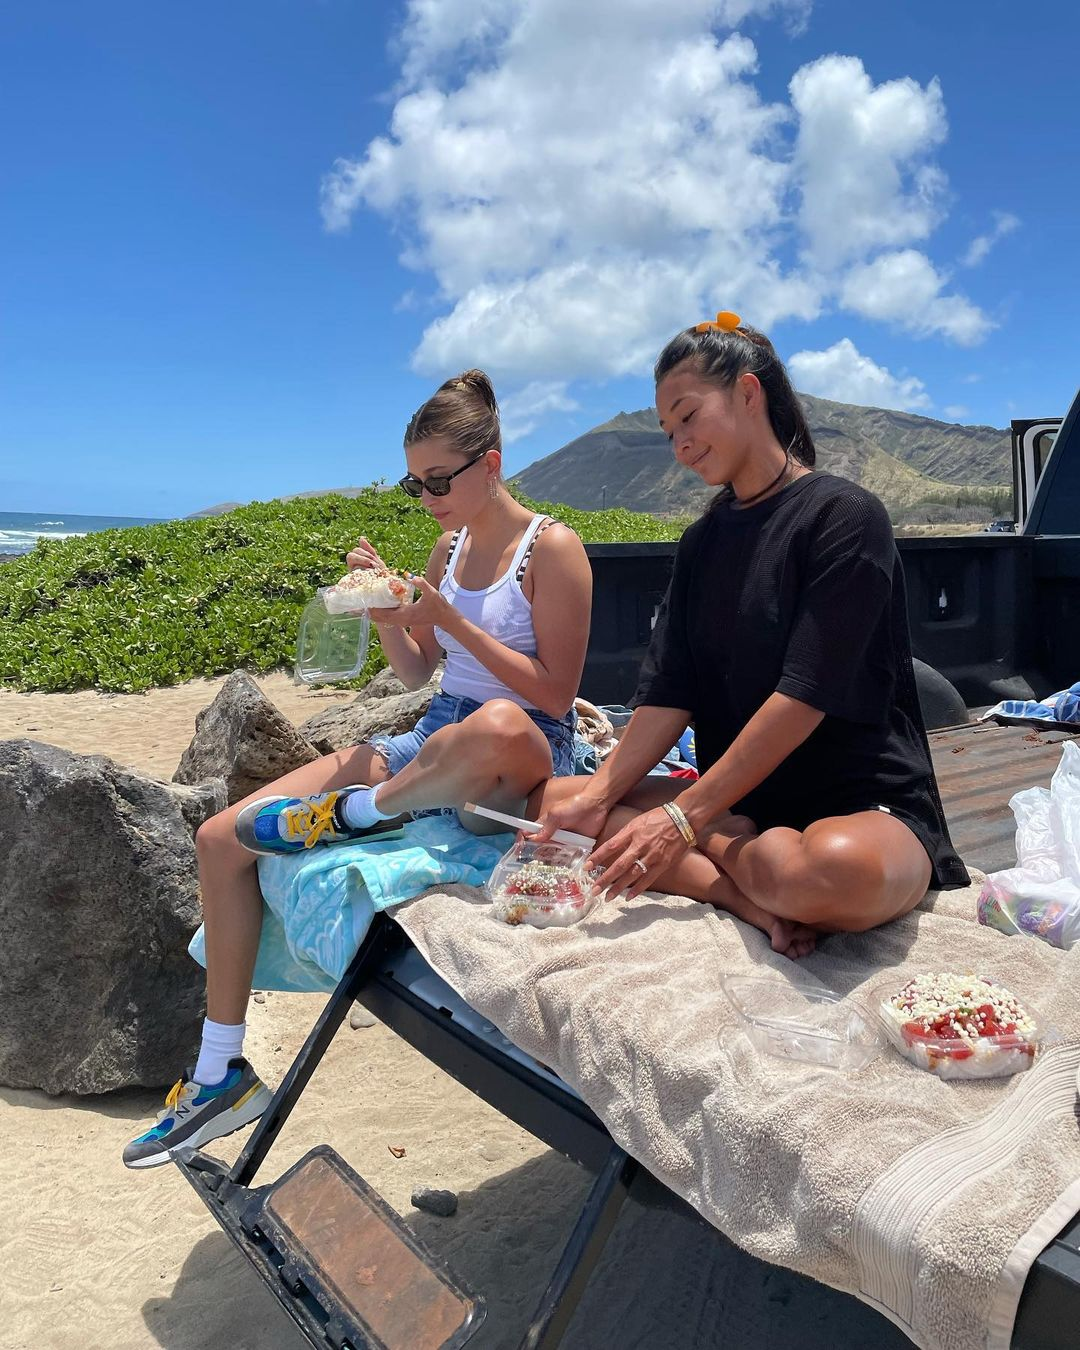 Summer vibe: как проводит первые дни лета Хейли Бибер